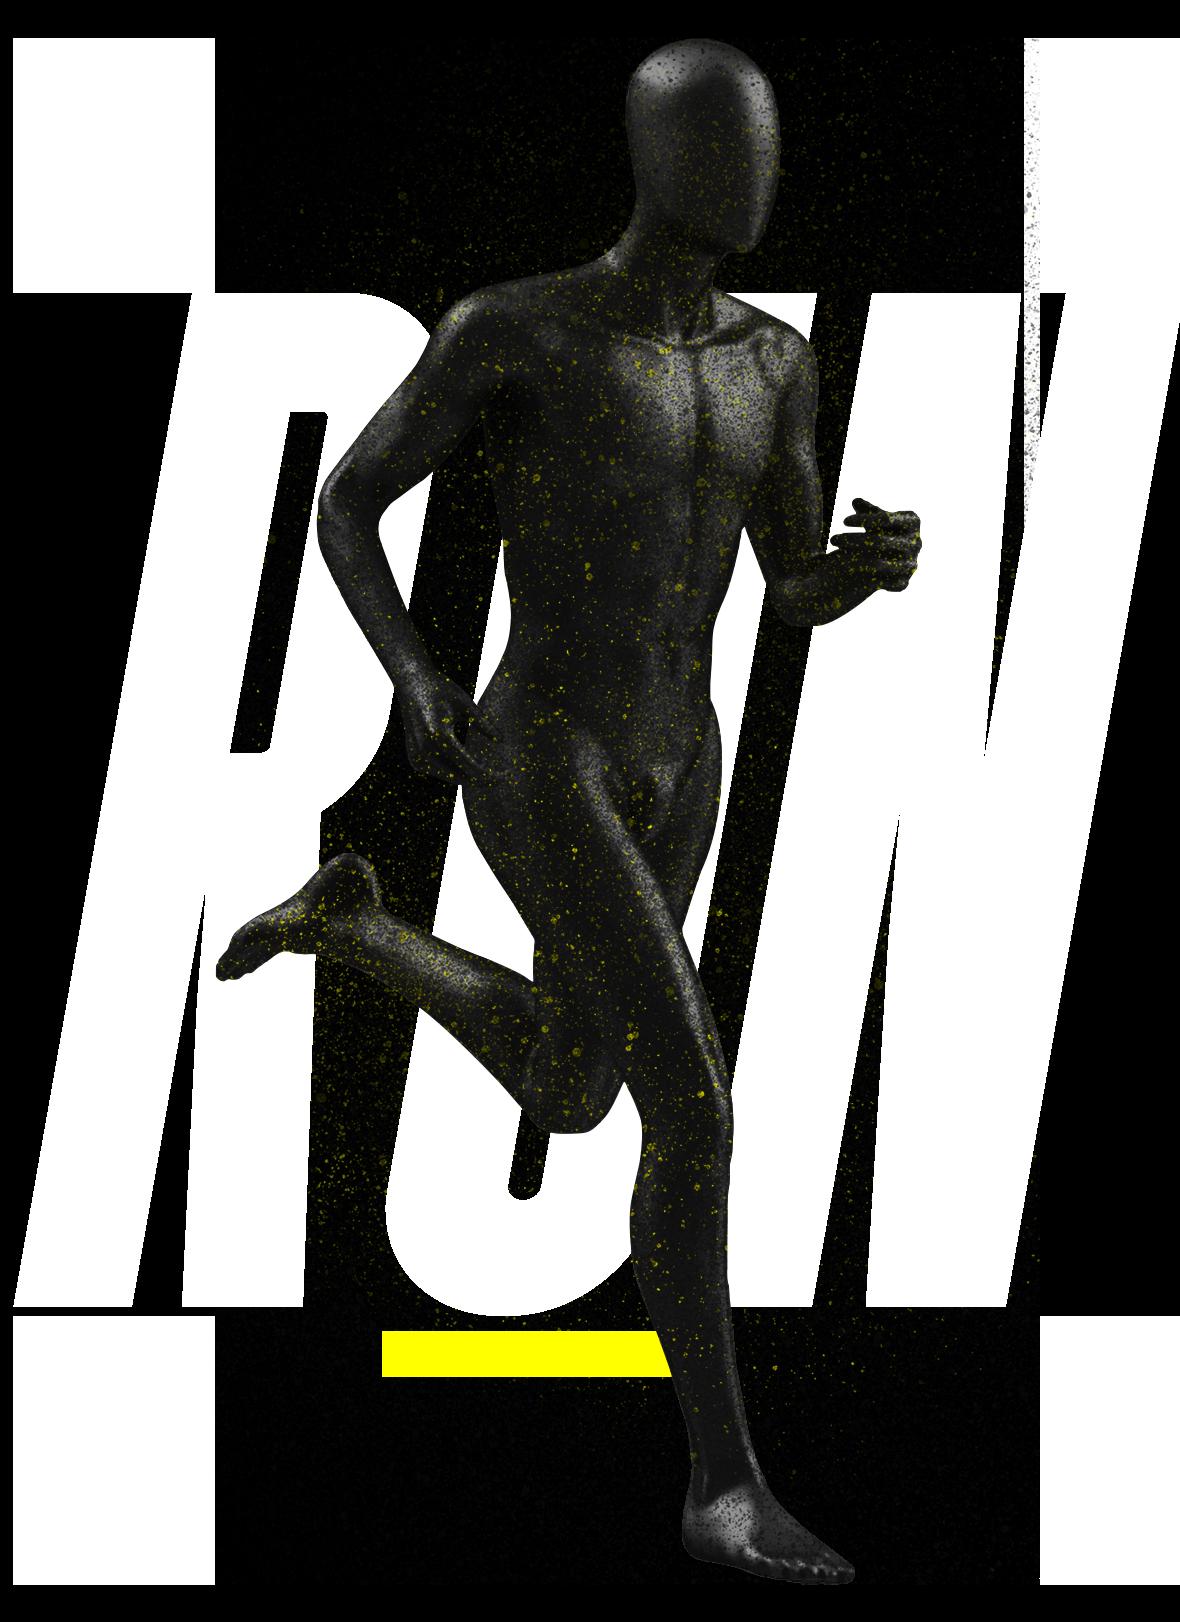 élément graphique des cabinets de kiné du sport et d'ostéopathie du sport KOSS Paris - Kiné paris 15 - Kiné Paris 16 - Kiné Paris 7 - Kiné Paris 8 - RUN